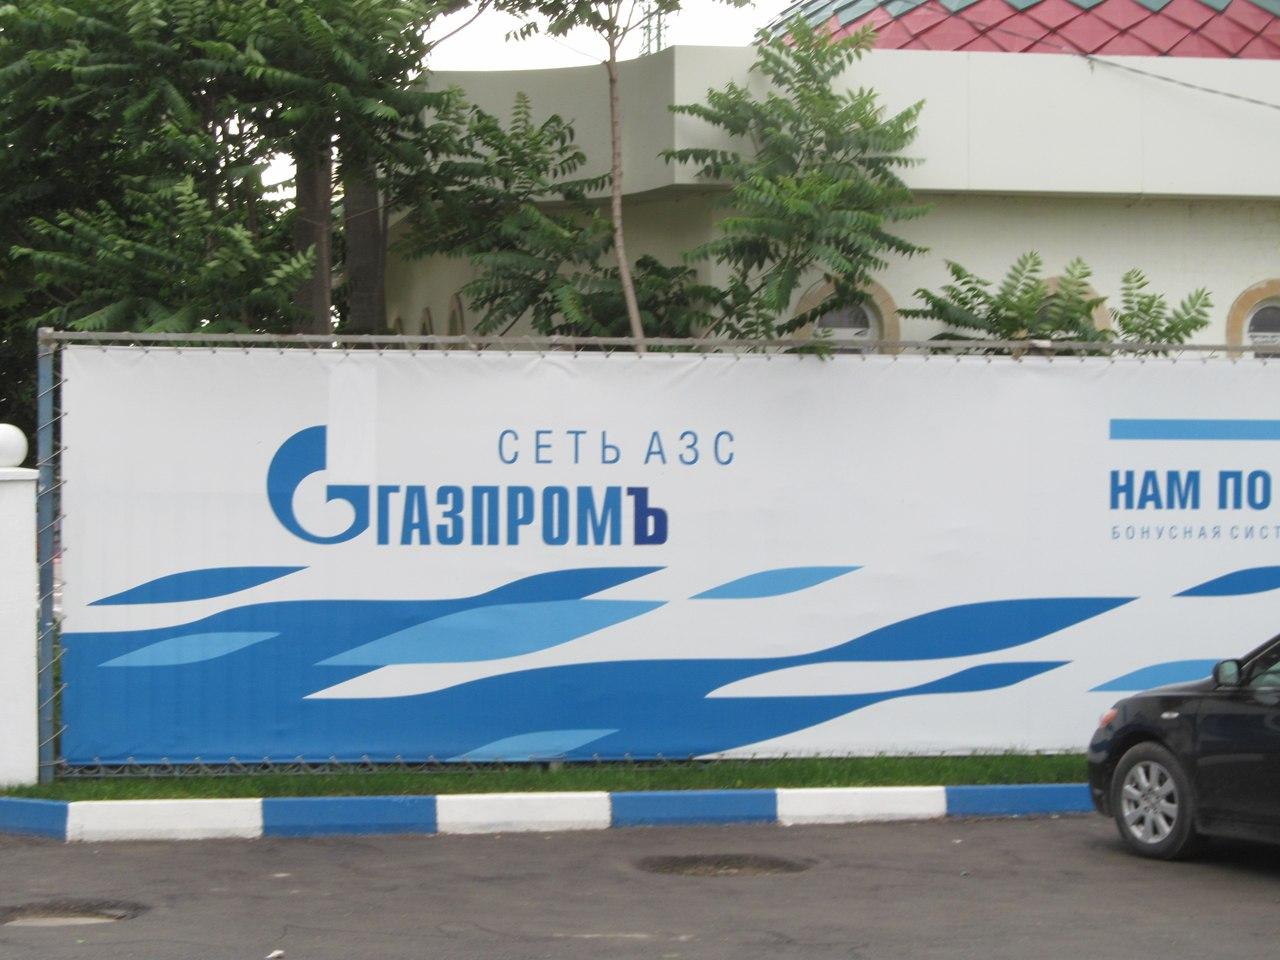 В Чечне и Дагестане нет ни одной заправки федеральных сетей — «Газпром», «Роснефть» и «Лукойл». Зато много подделок